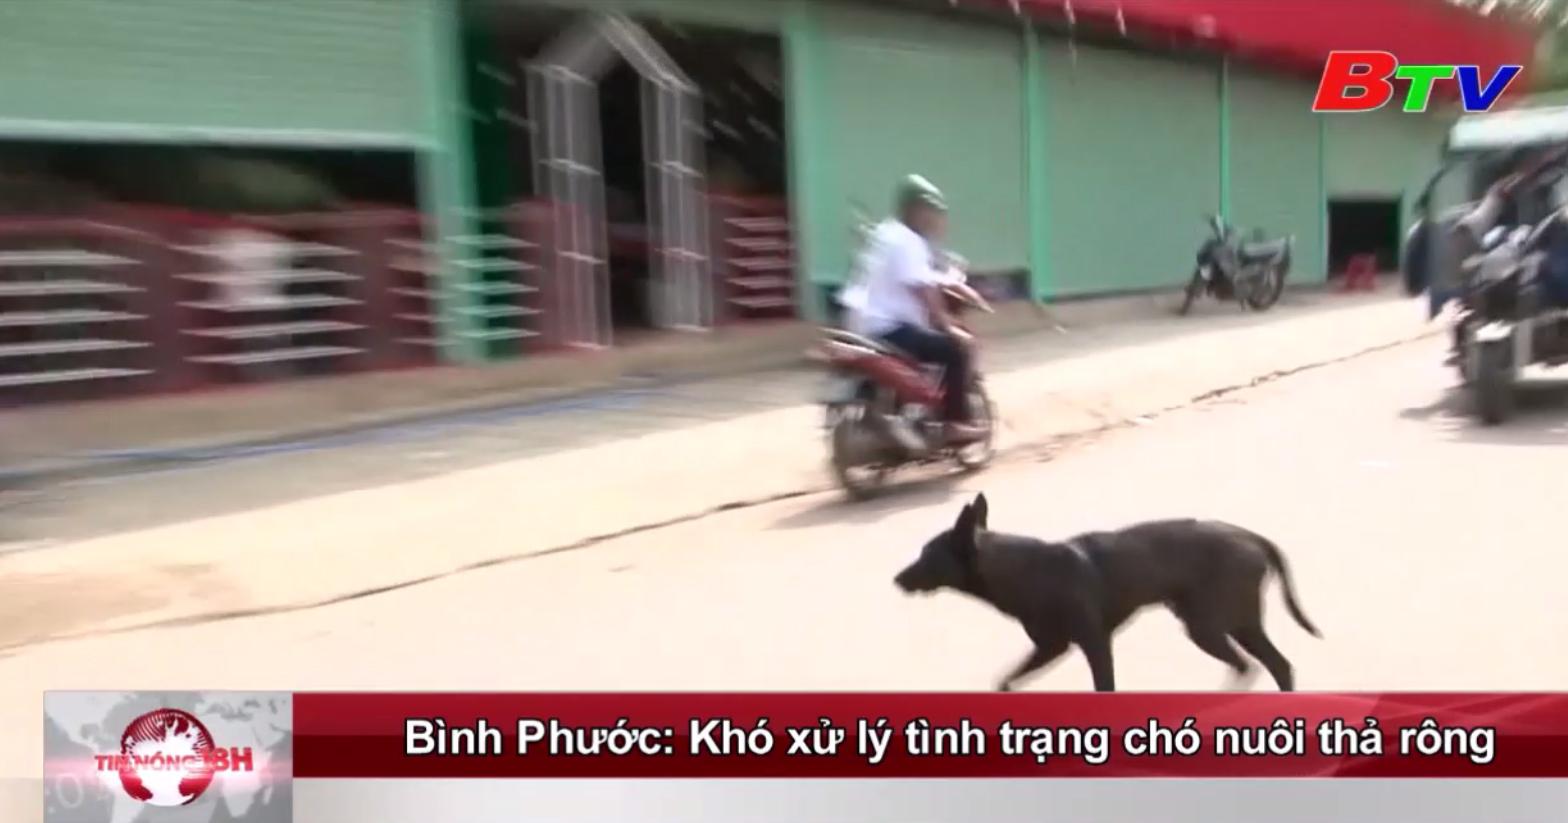 Bình Phước: Khó xử lý tình trạng nuôi chó thả rong